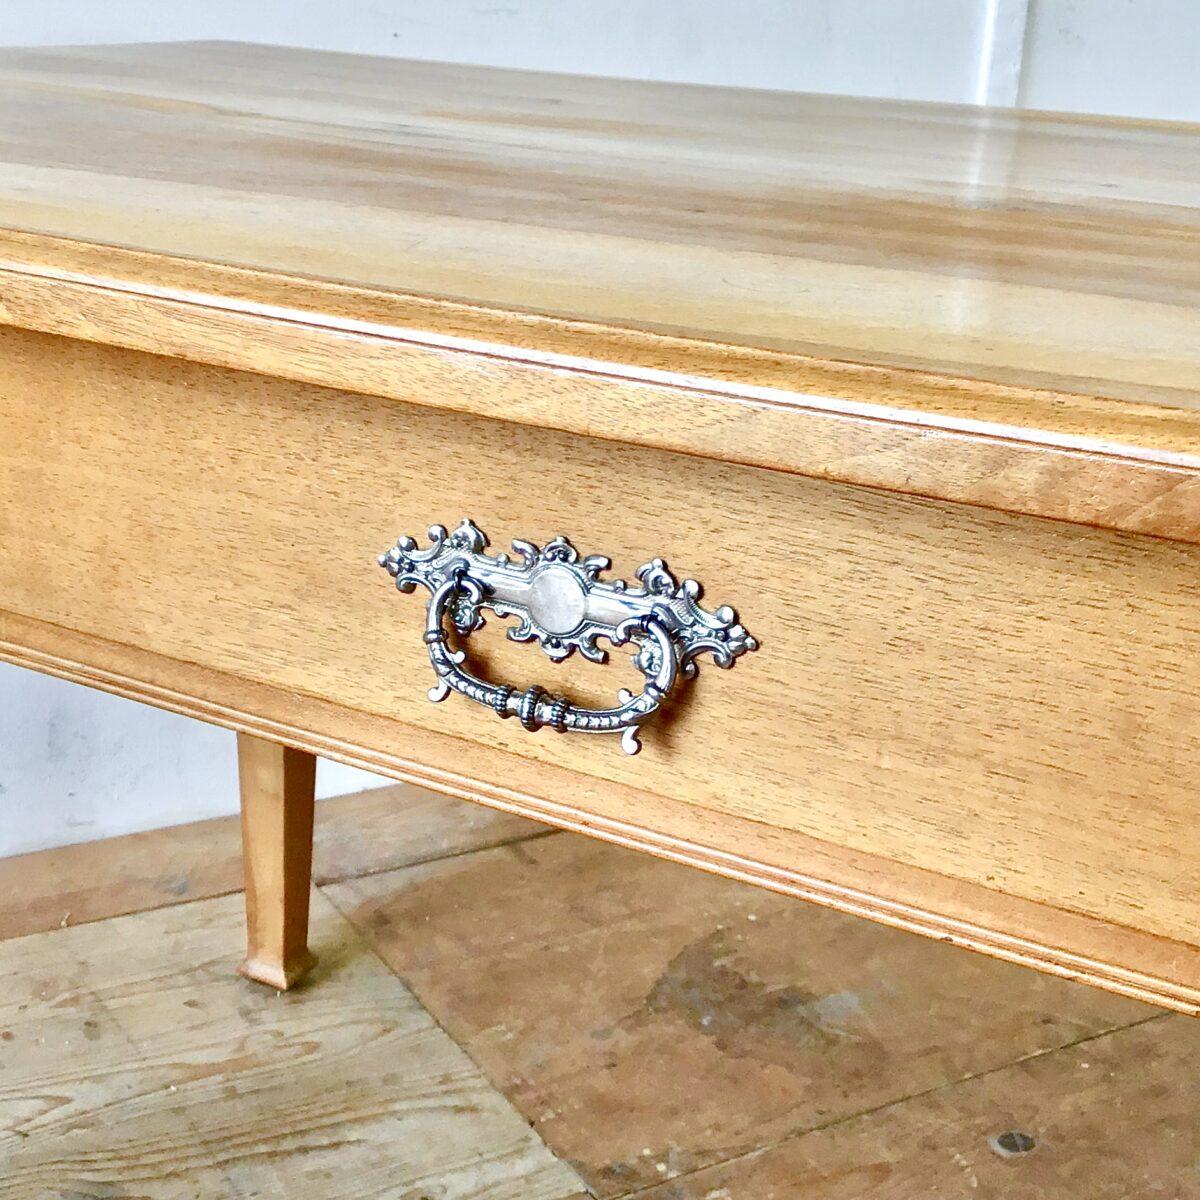 Nussbaum Biedermeier Tisch 154x89cm Höhe 77cm. Dieser Esstisch oder grosse Schreibtisch ist komplett aus Nussbaum Vollholz. Die Holzoberfläche ist lackiert. Lebhafte Holzmaserung, Tischkante leicht profiliert. Der Tisch bietet angenehm Platz für 6 Personen.